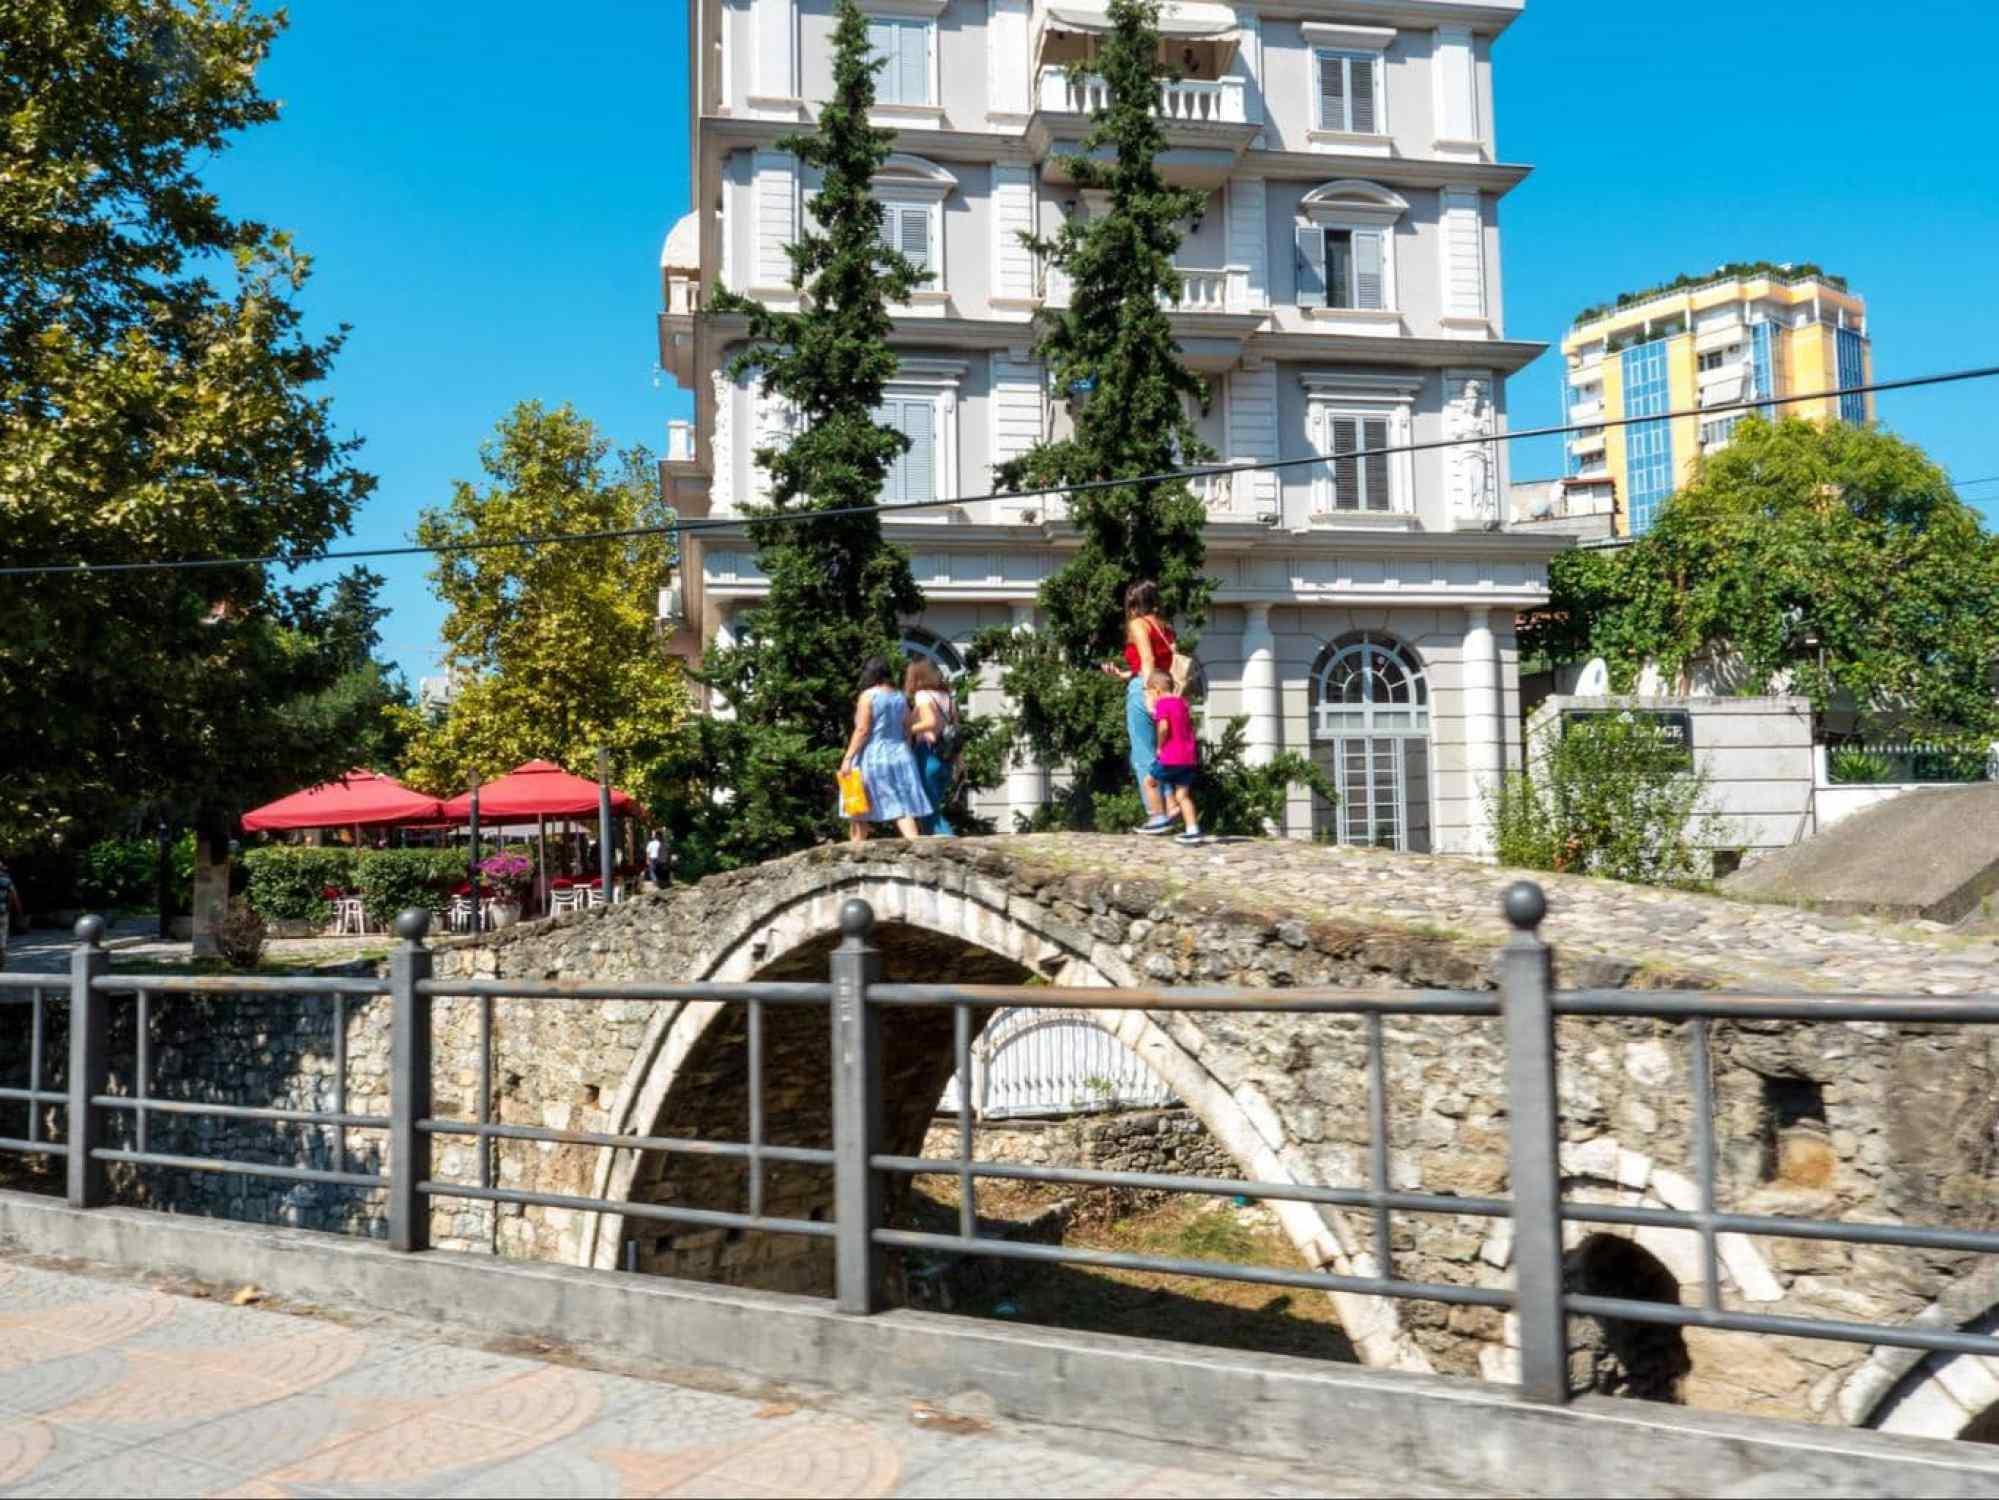 Tanner's bridge in Tirana